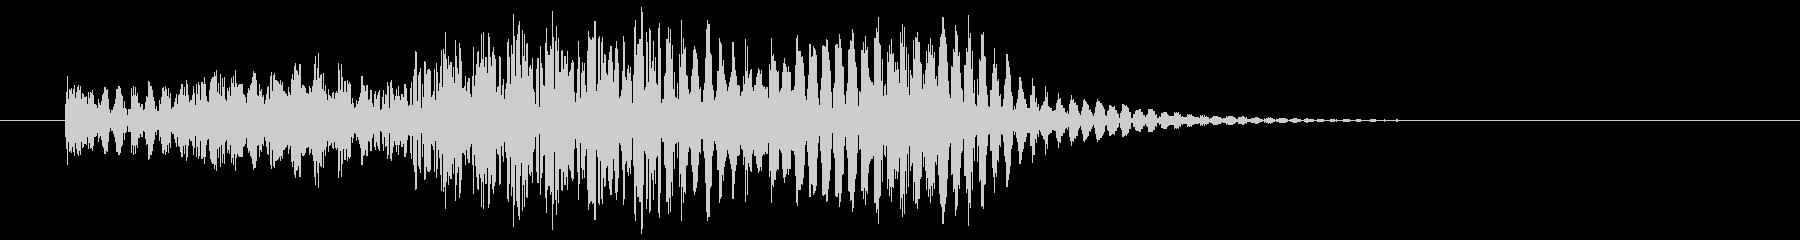 ぶーん(不気味な低音)の未再生の波形